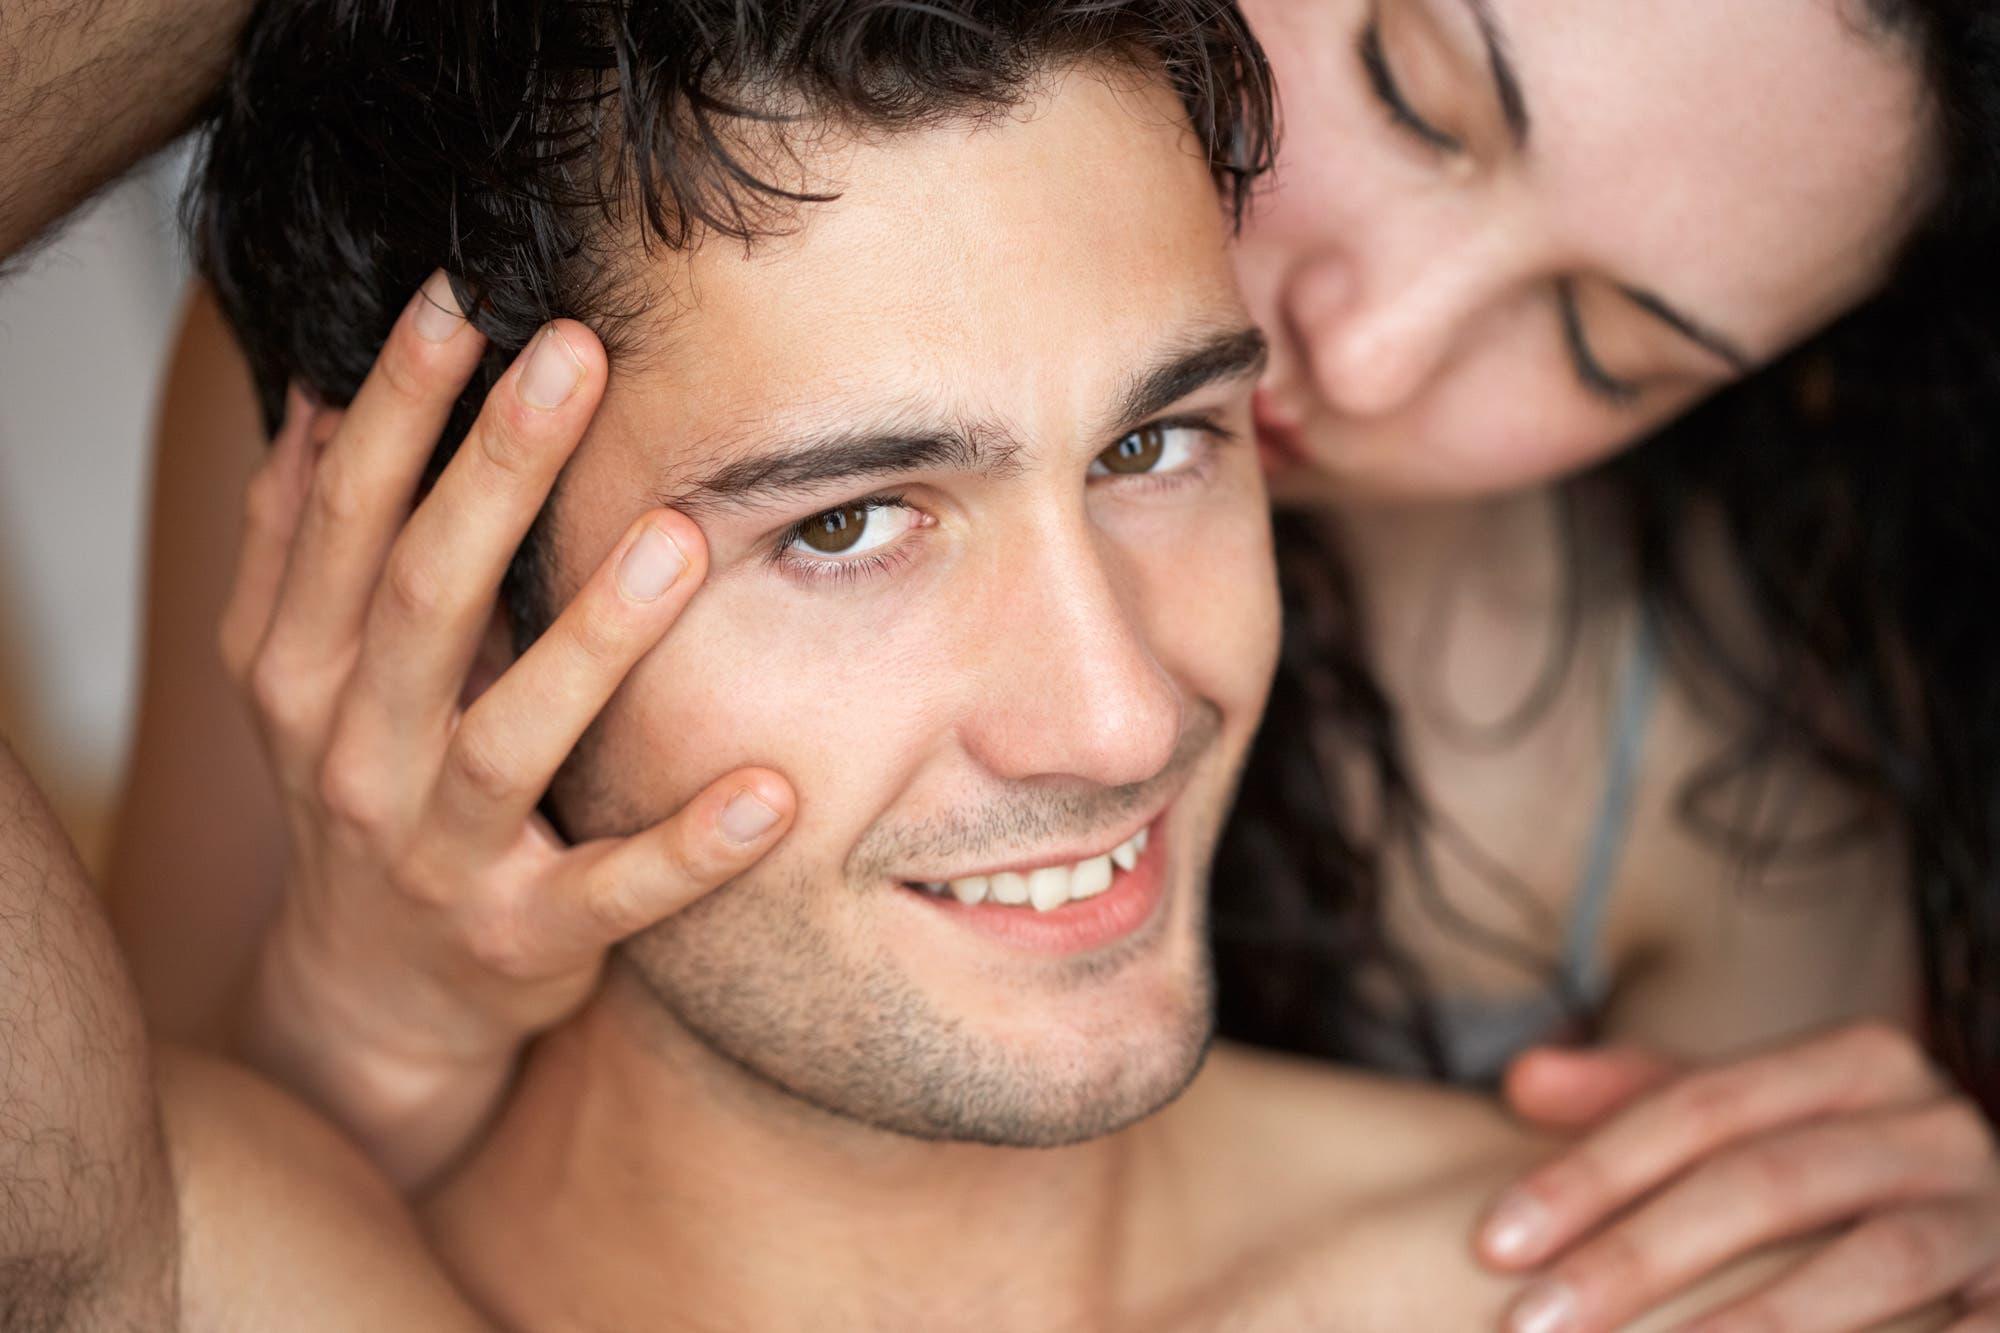 la estimulación de la próstata puede ayudar con la educación